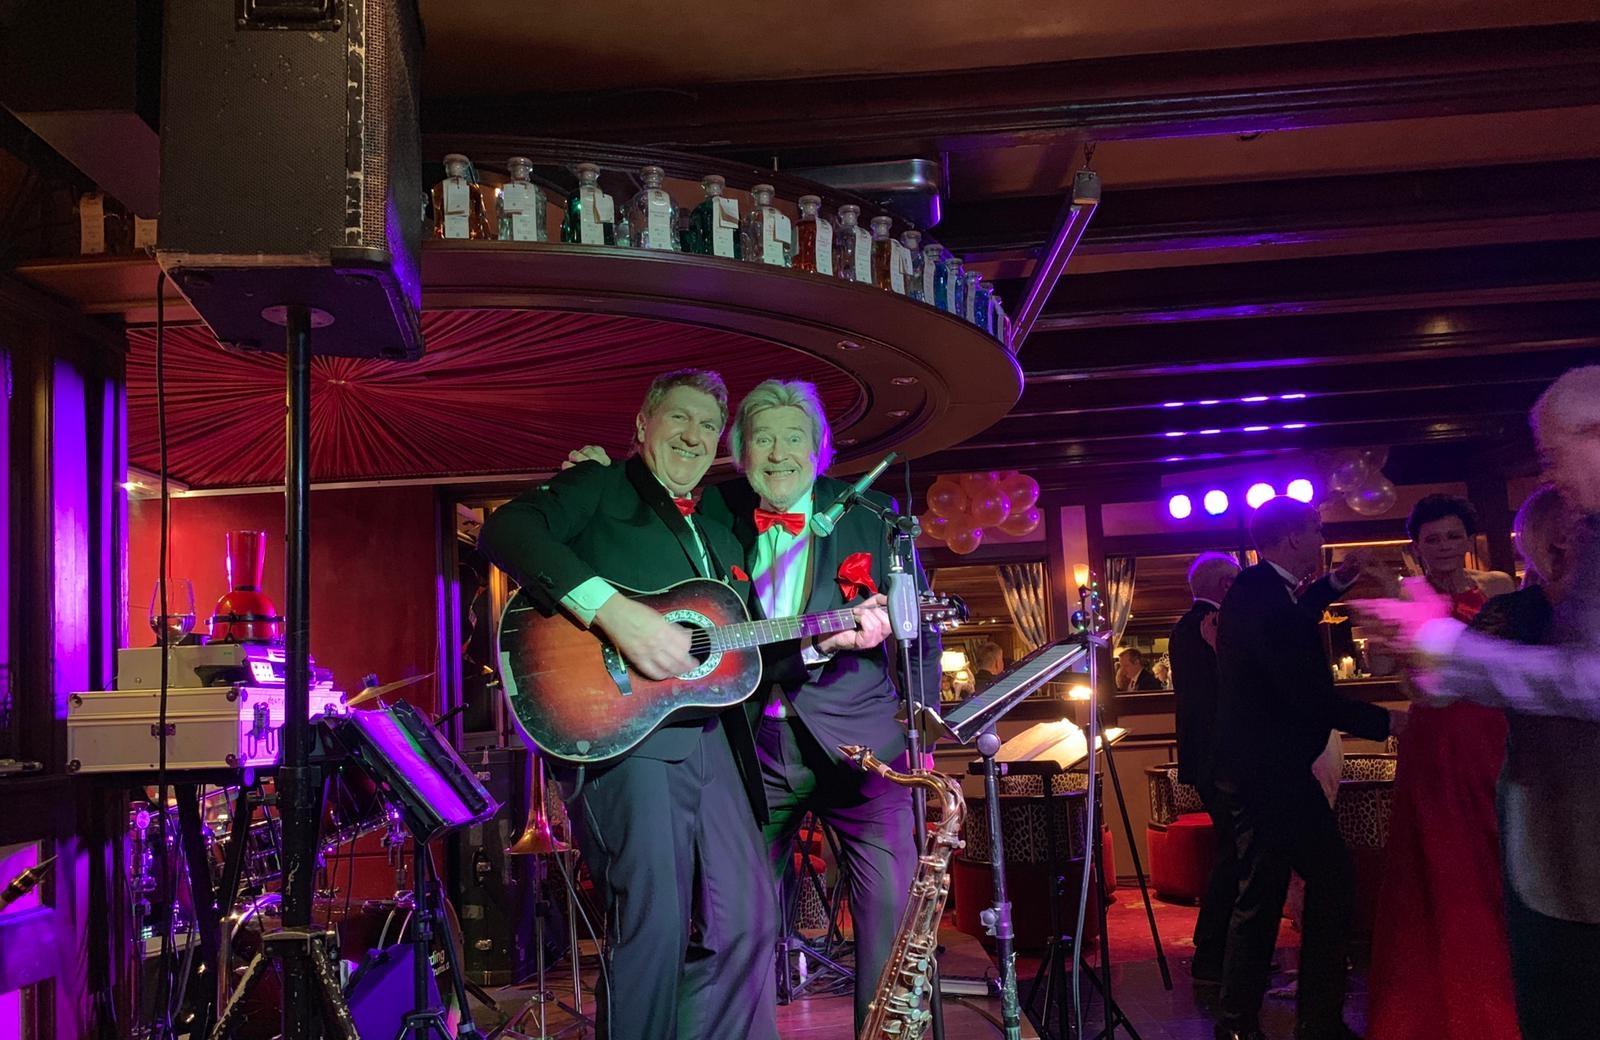 Monty mit Band in Hinterzarten